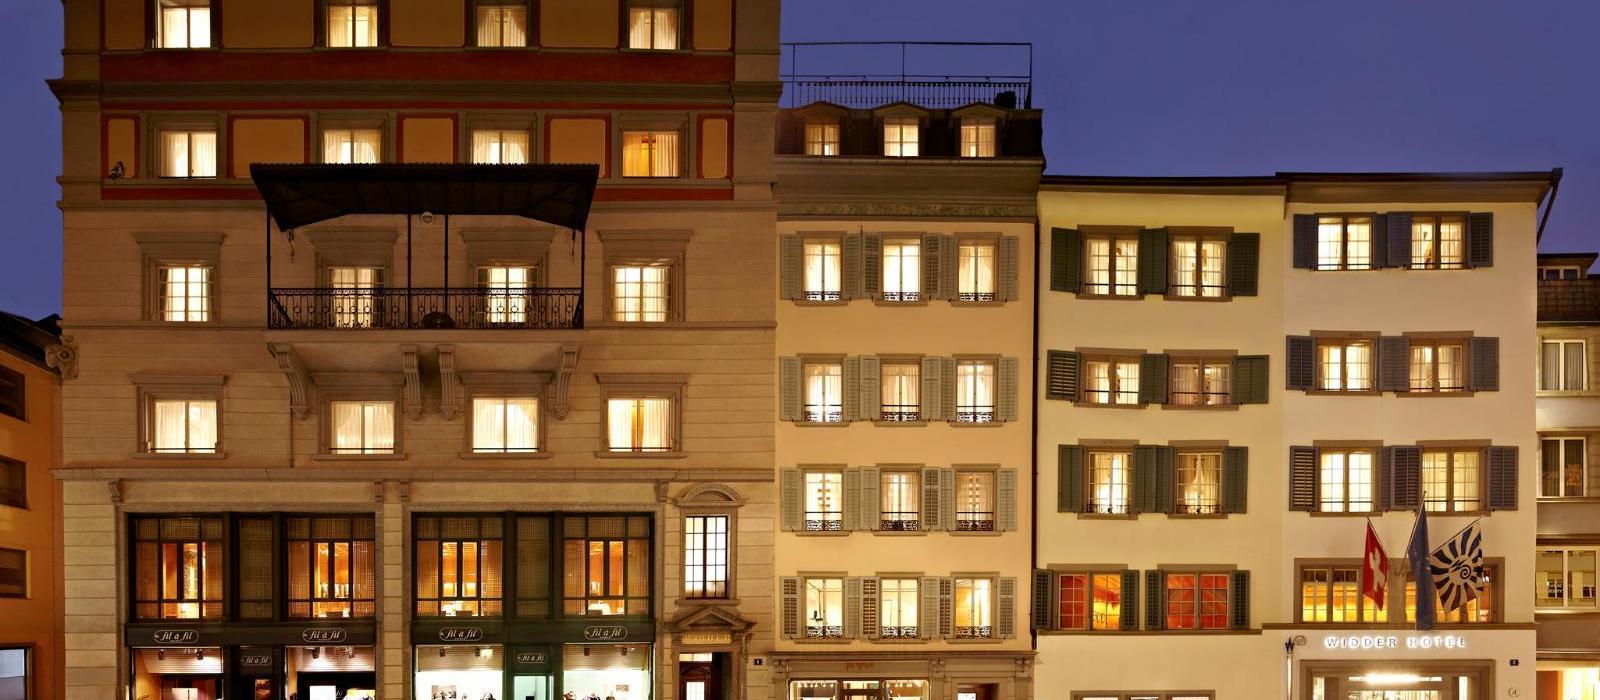 威德艺韵酒店(Widder Hotel) 图片  www.lhw.cn